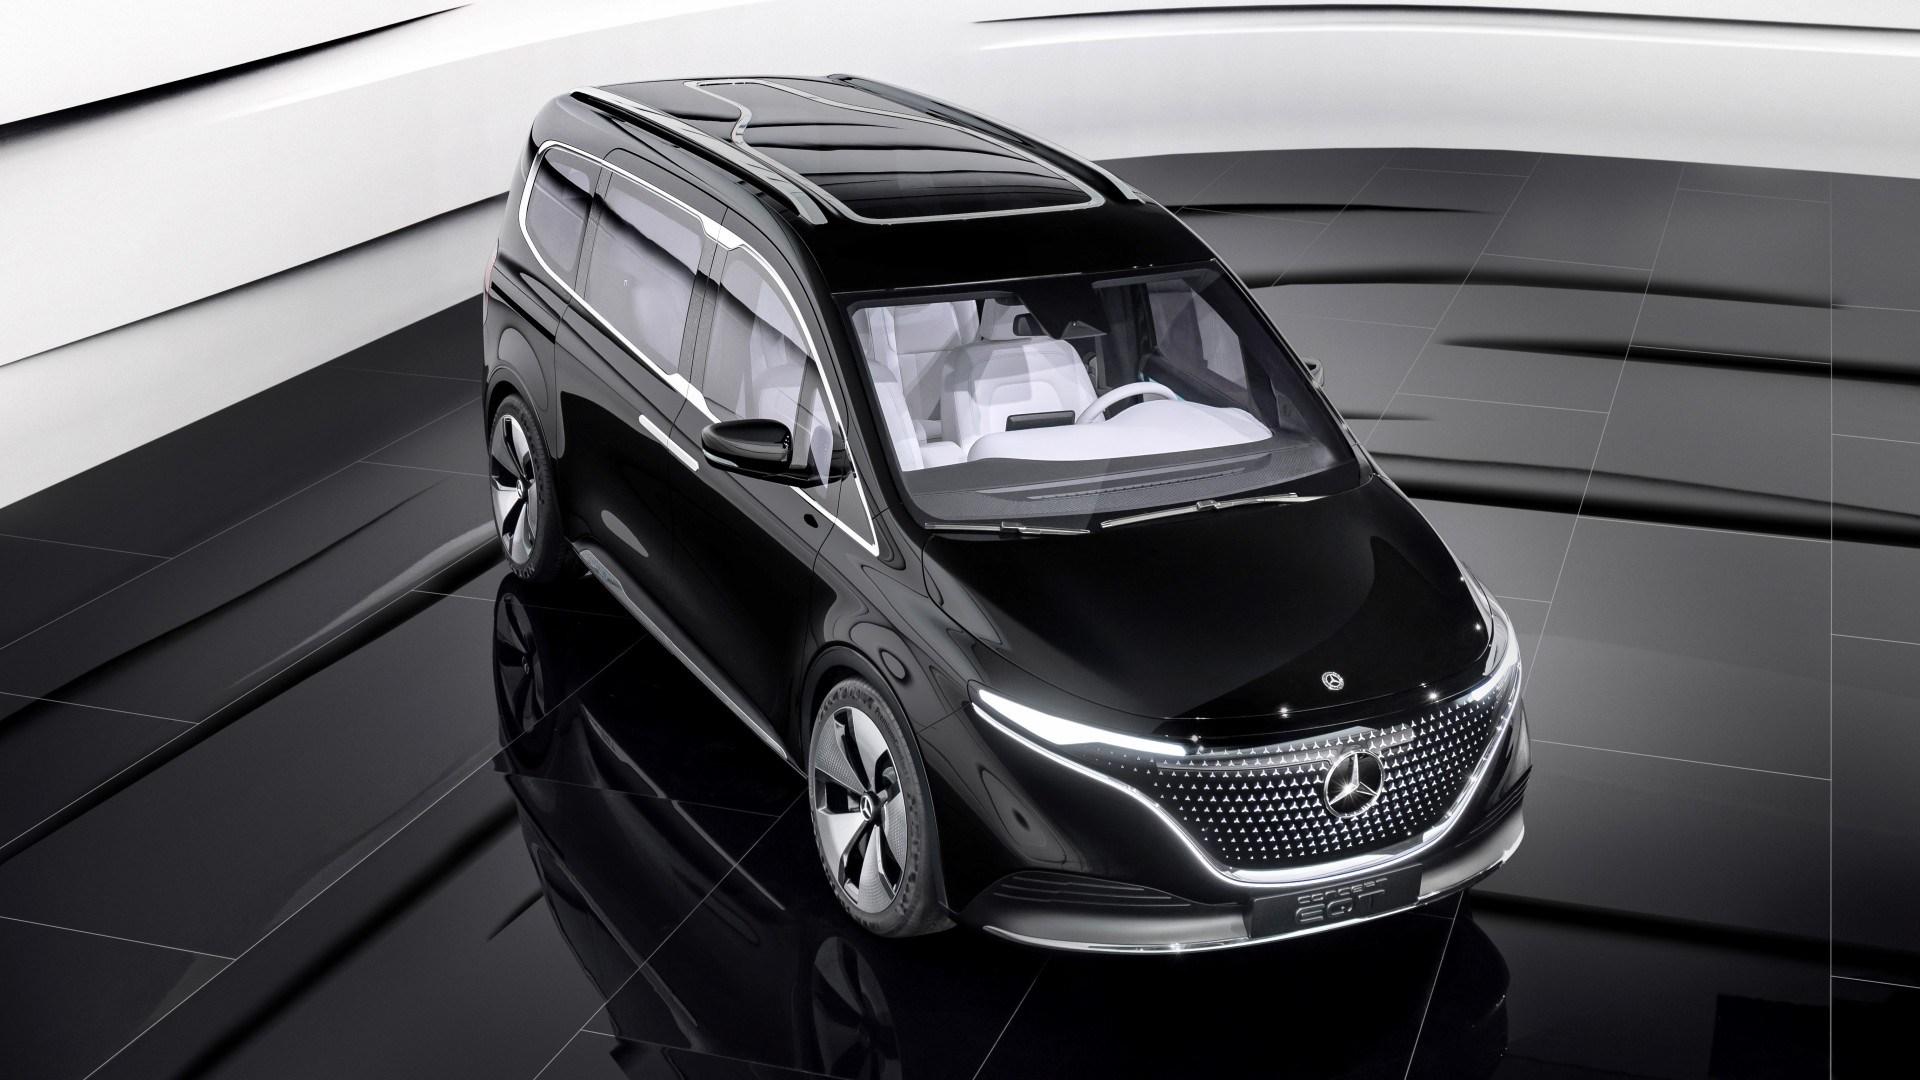 Mercedes Benz Concept EQT 2021 (2)